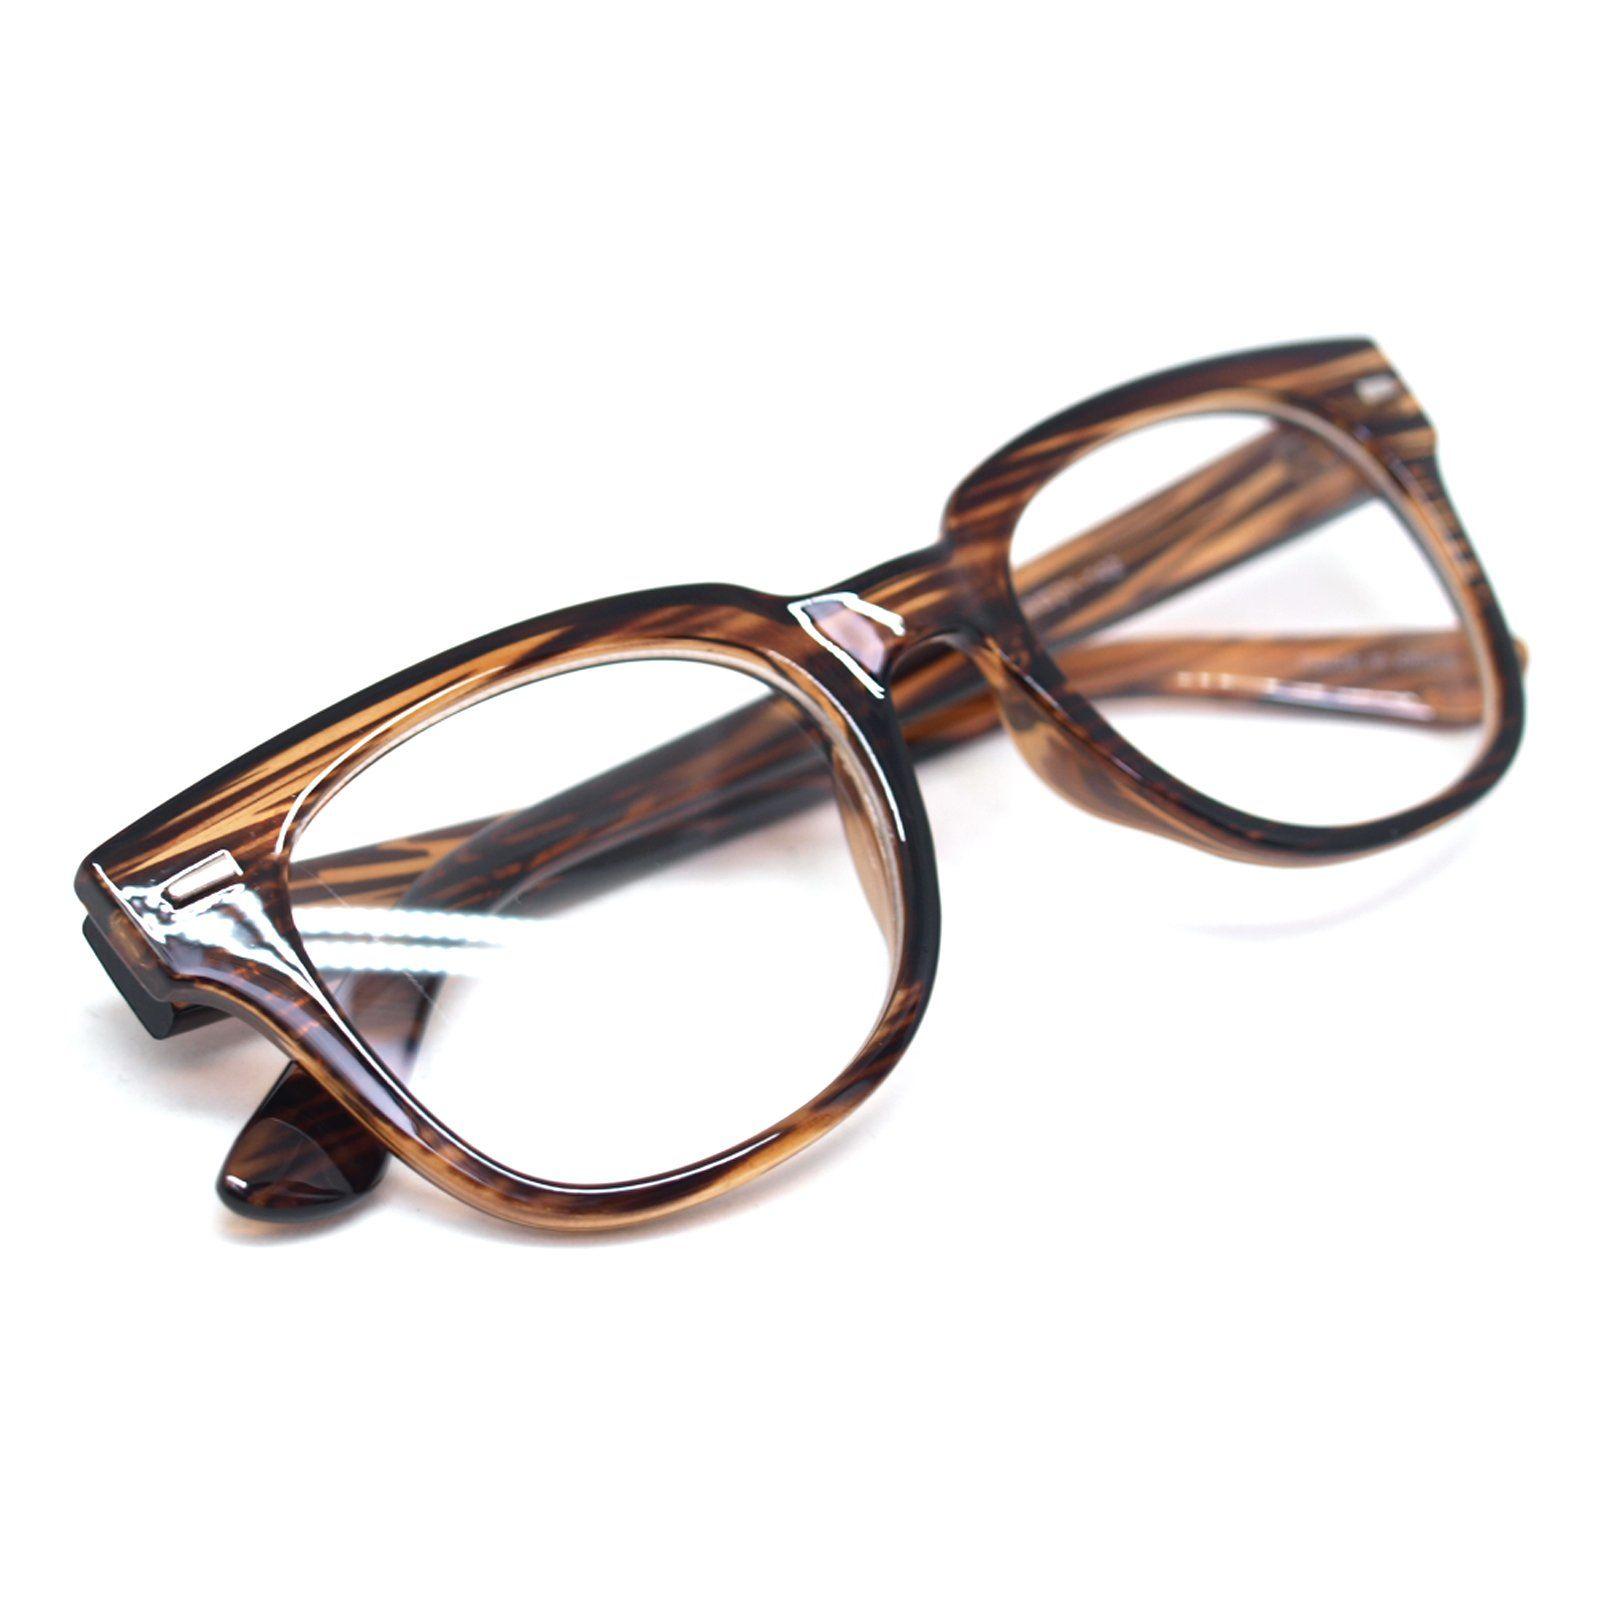 d1c5c223f0a6e Nerd Geek Oversized Eye Glasses Horn Rim Retro Framed Clear Lens ...